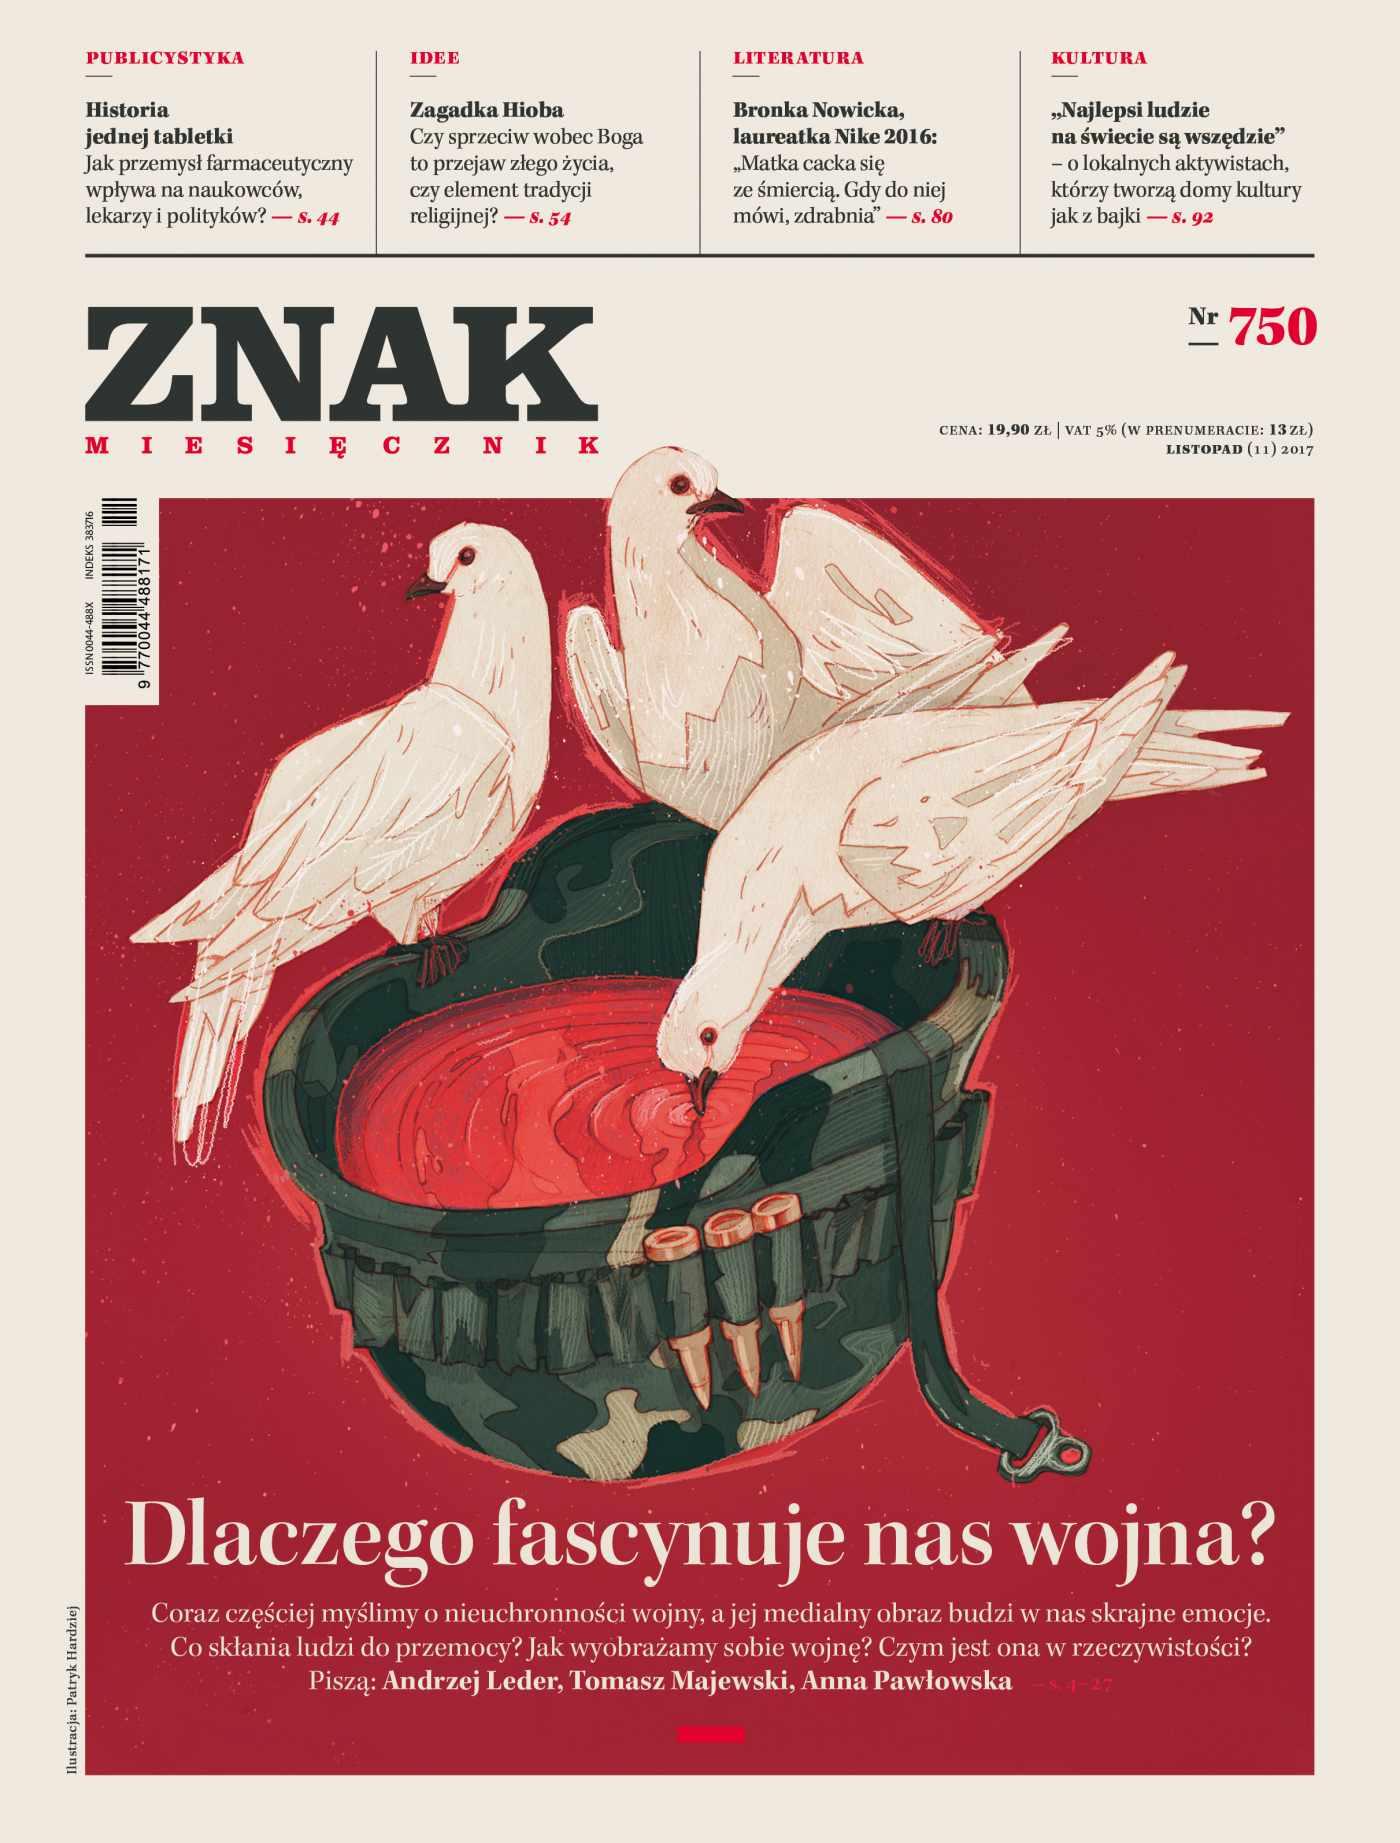 Miesięcznik Znak nr 750: Dlaczego fascynuje nas wojna? - Ebook (Książka EPUB) do pobrania w formacie EPUB